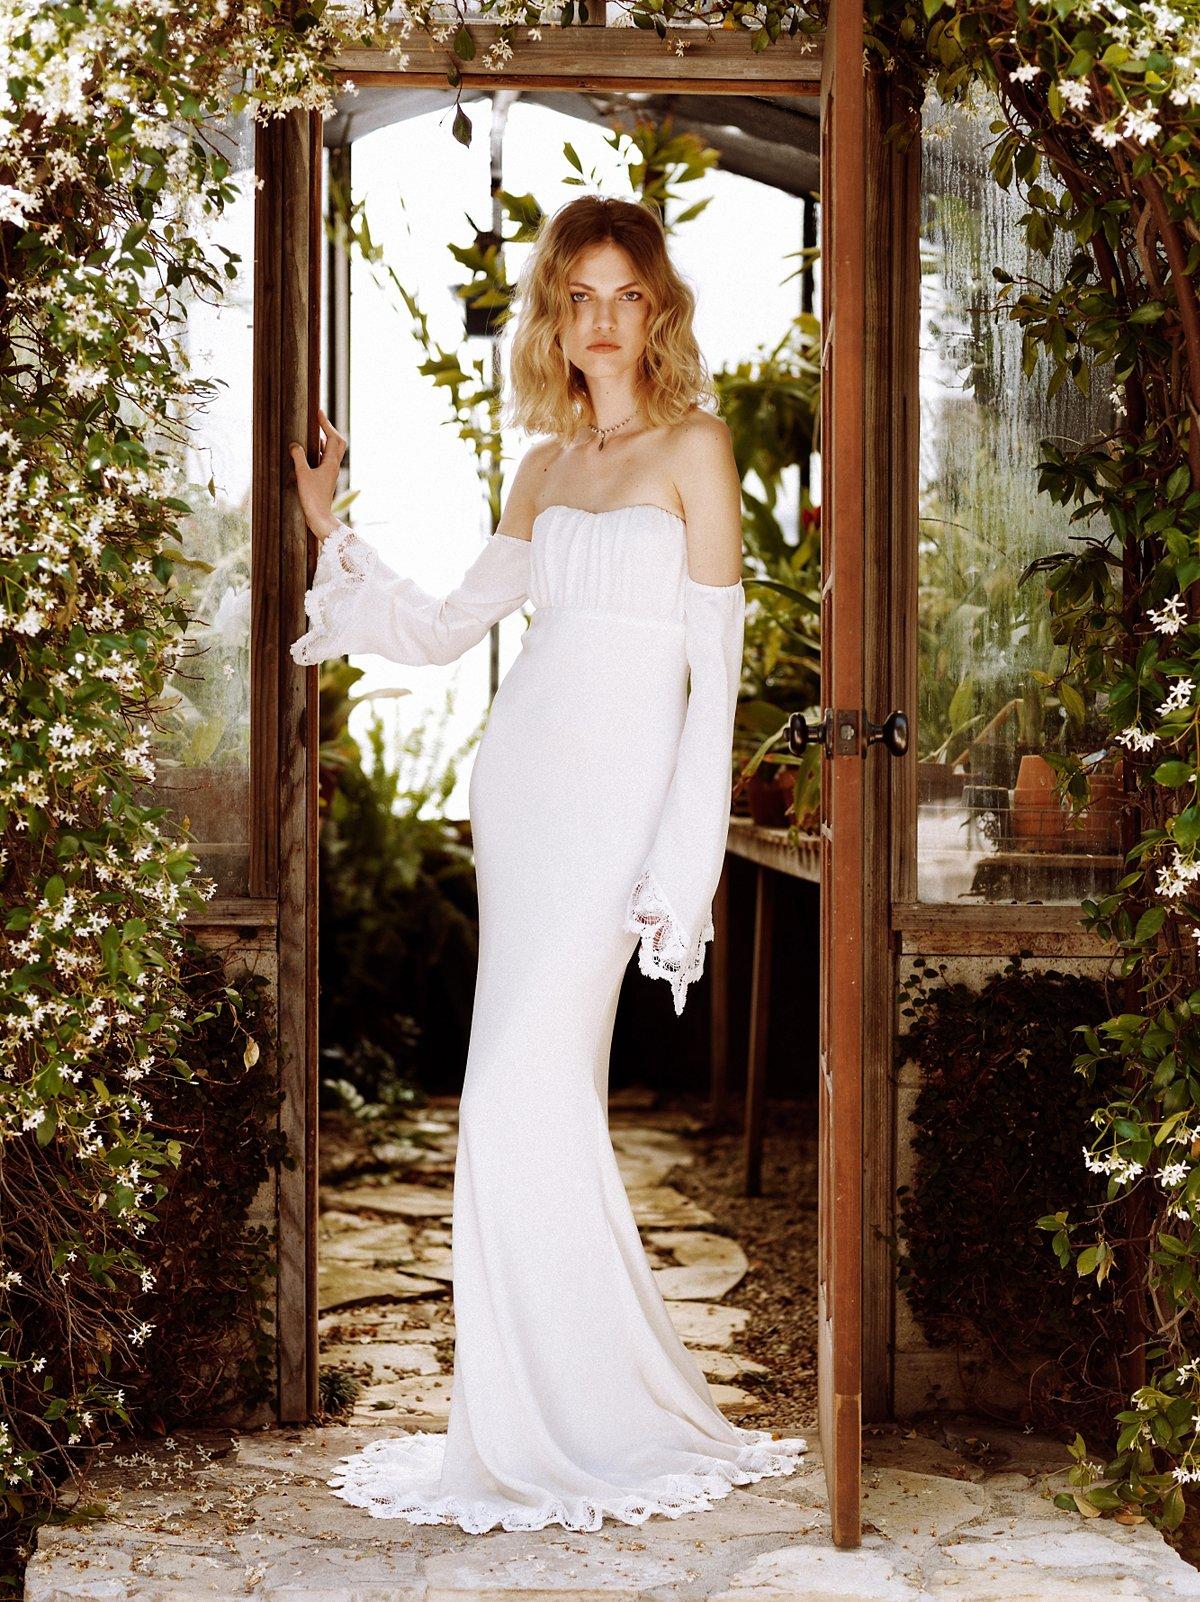 Mariella礼服